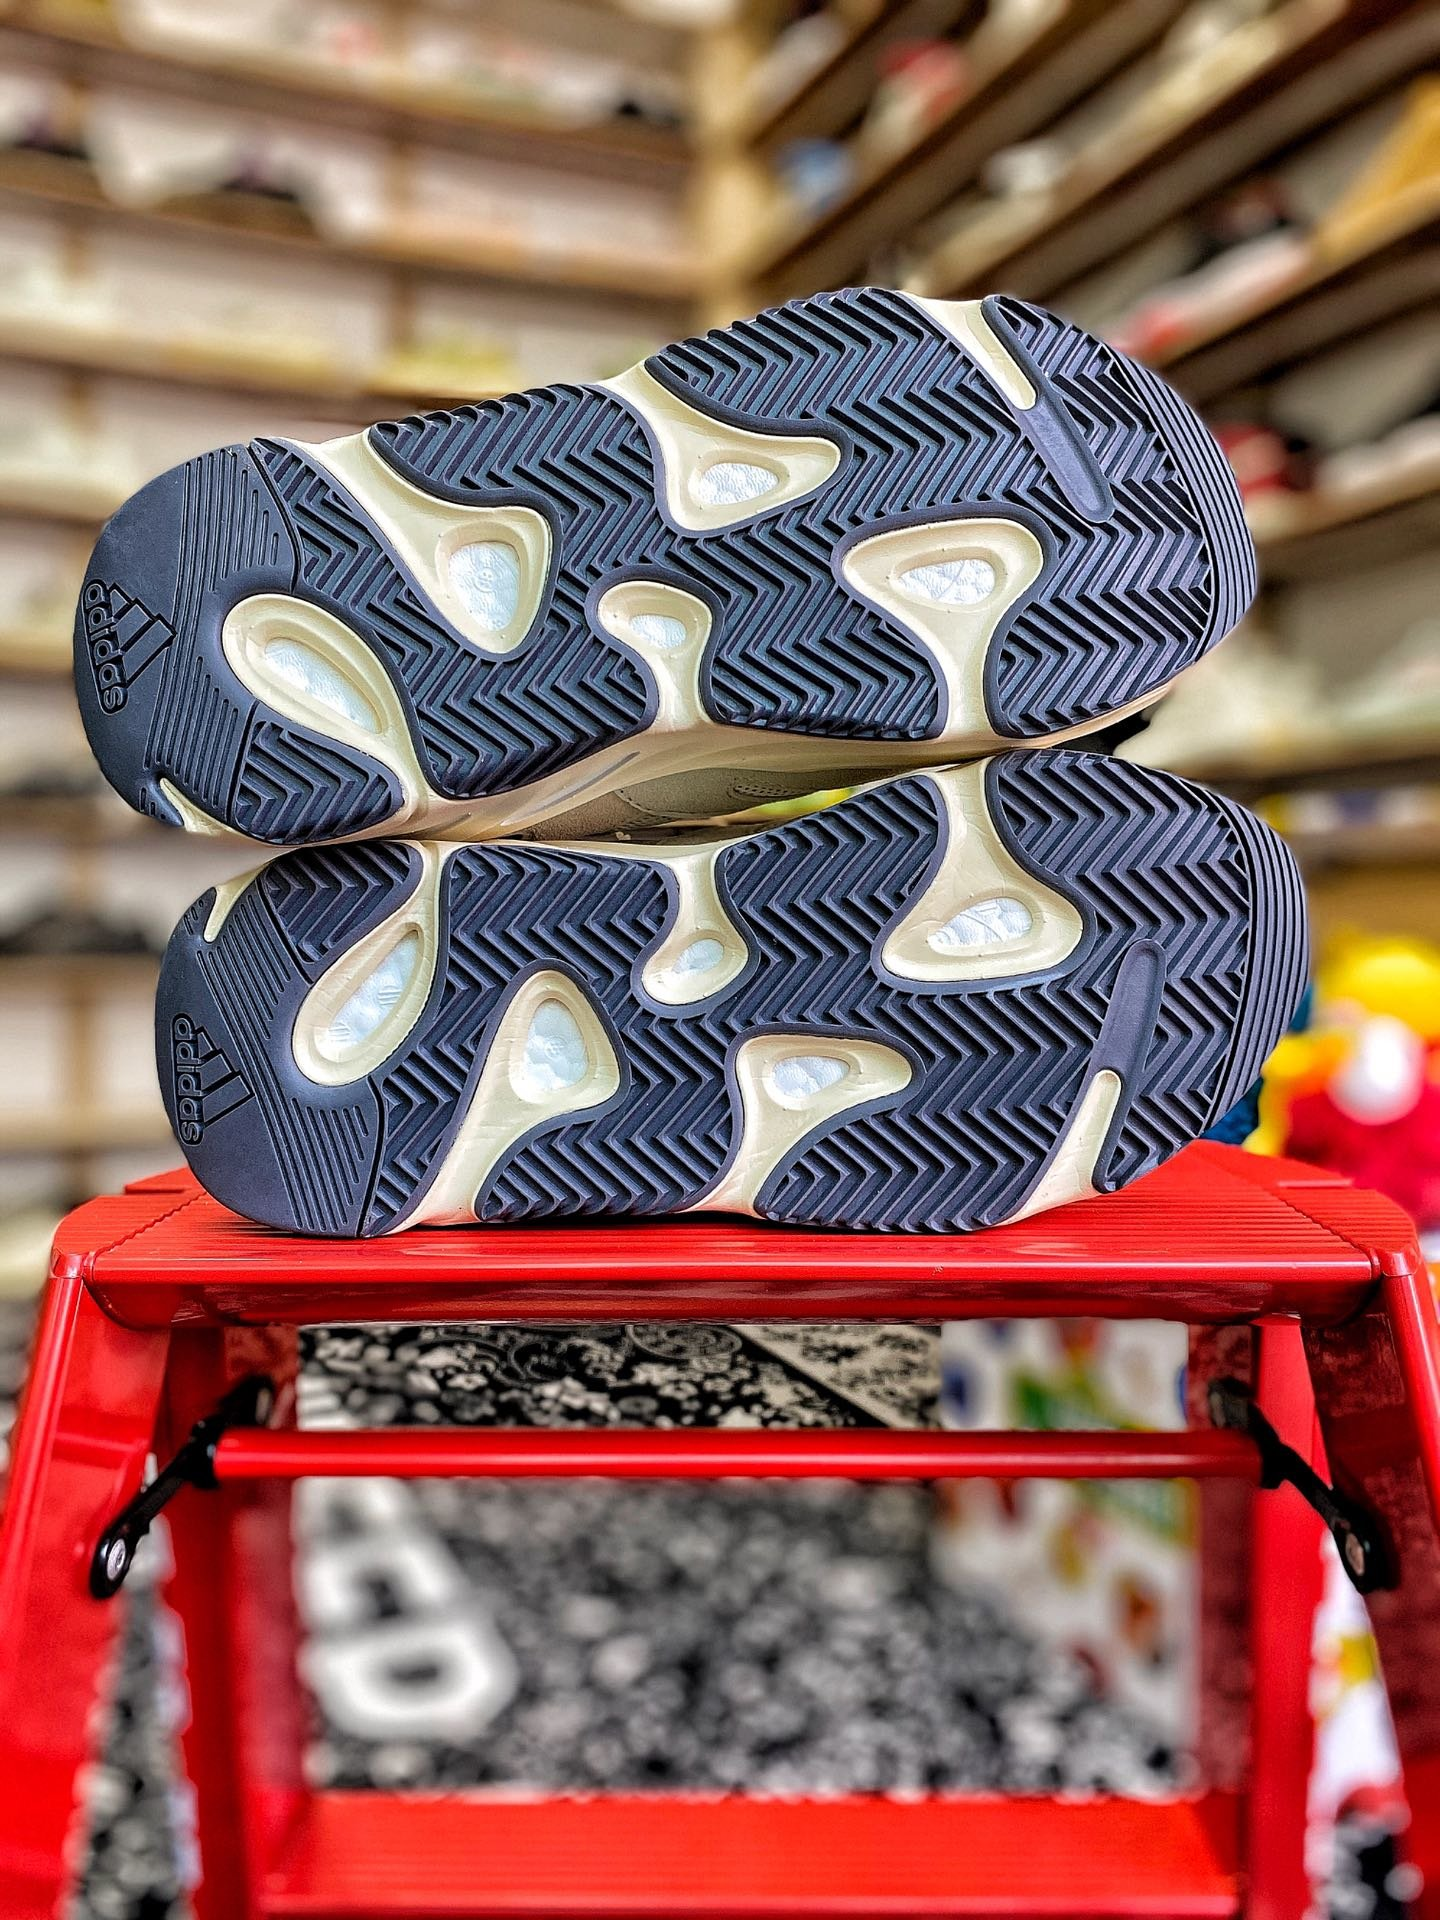 说到莆田鞋的销路模式!你知道莆田高仿鞋是怎找销路的吗? -